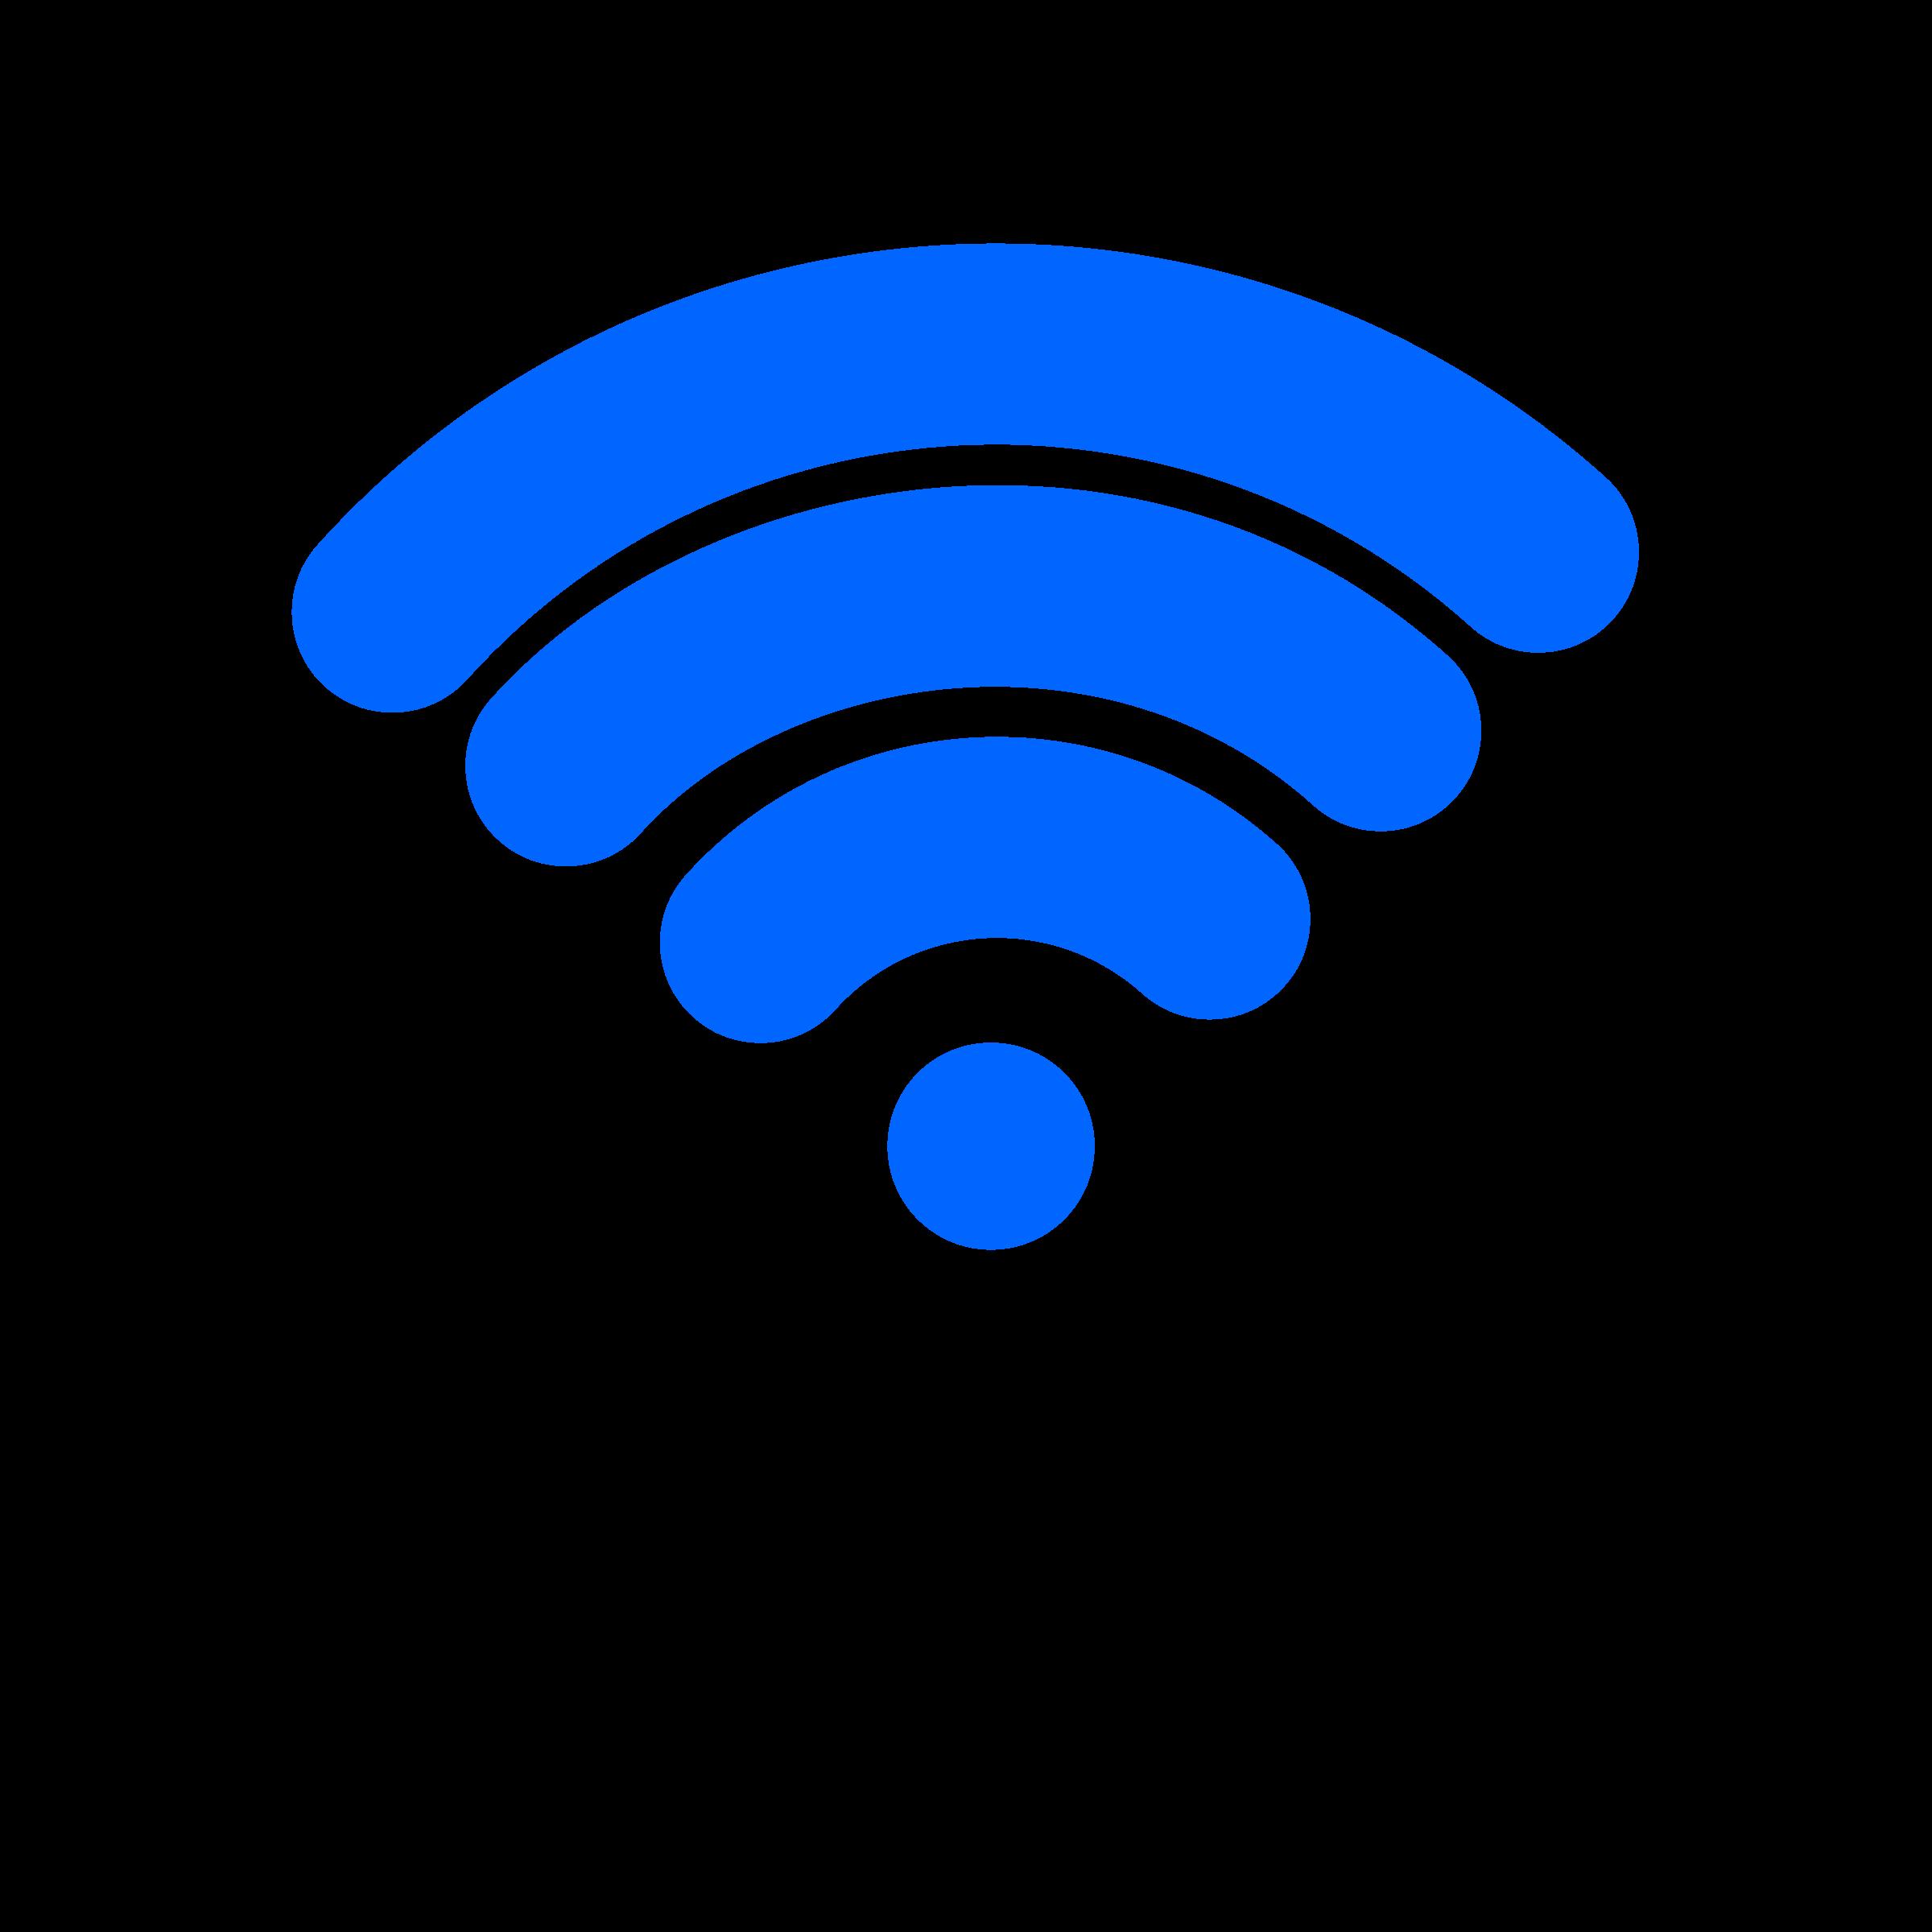 Clipart - wifi symbol